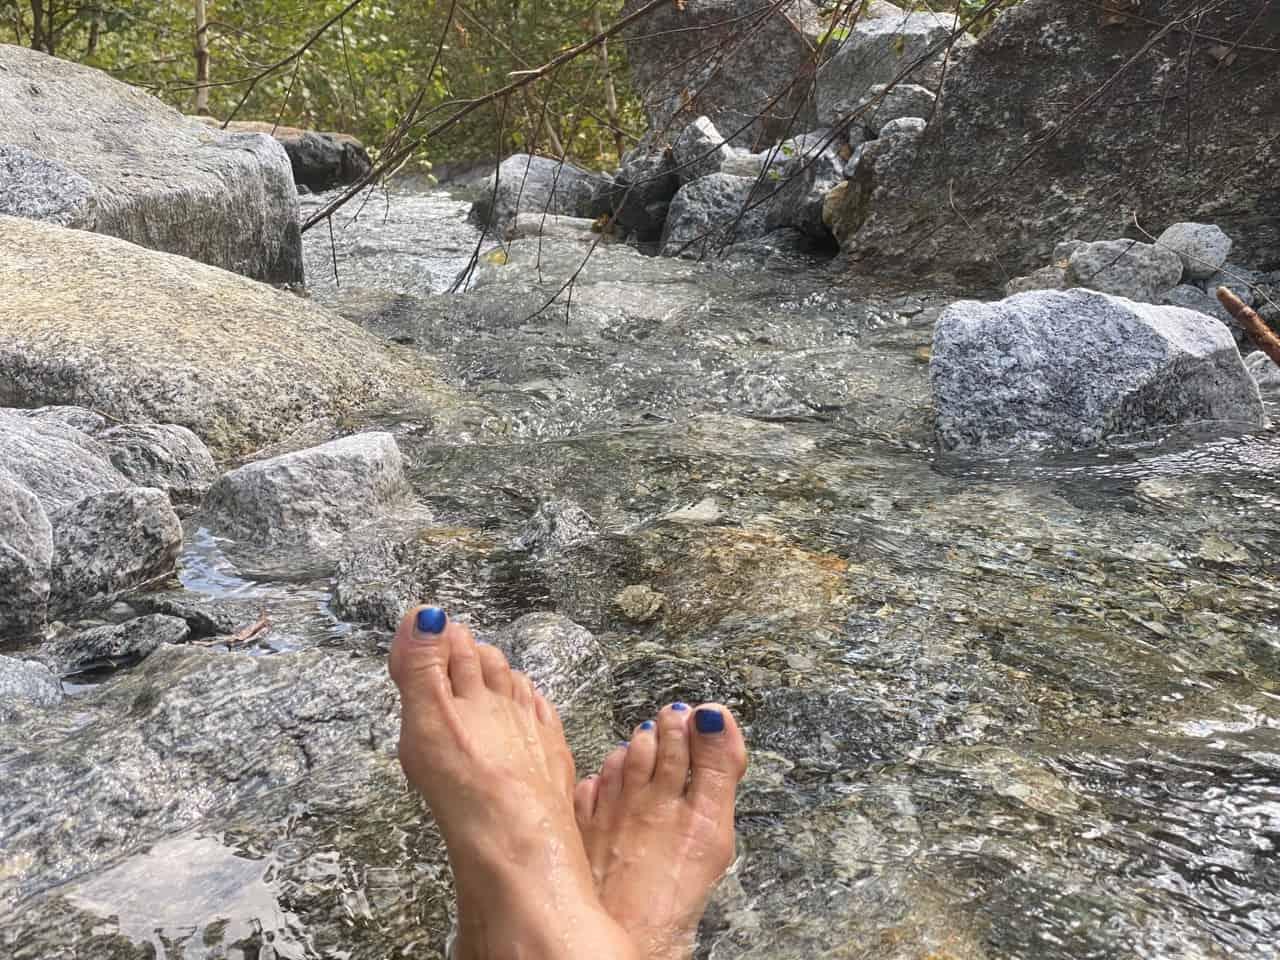 auszeit schweiz, am bergbach mit nackten füssen